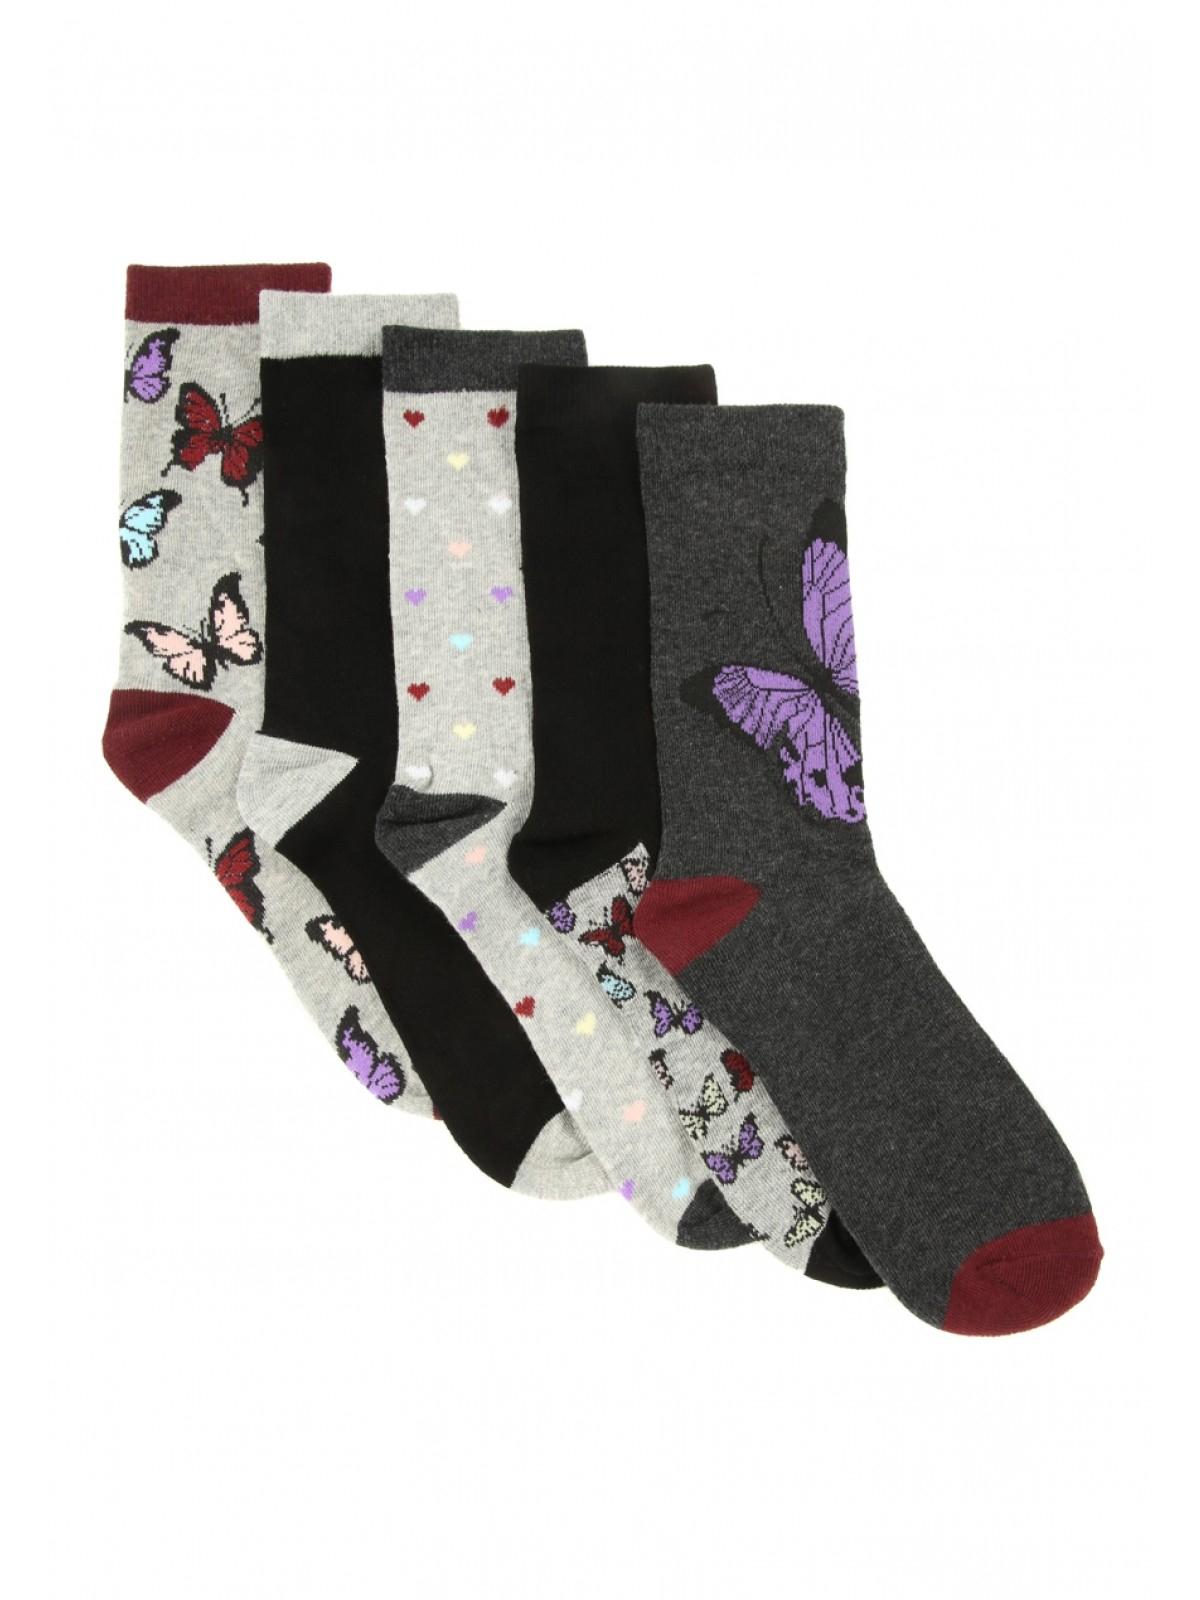 Womans 5 pack socks (various designs) £3.00 (was £6.00) @ Peacocks - Free C+C